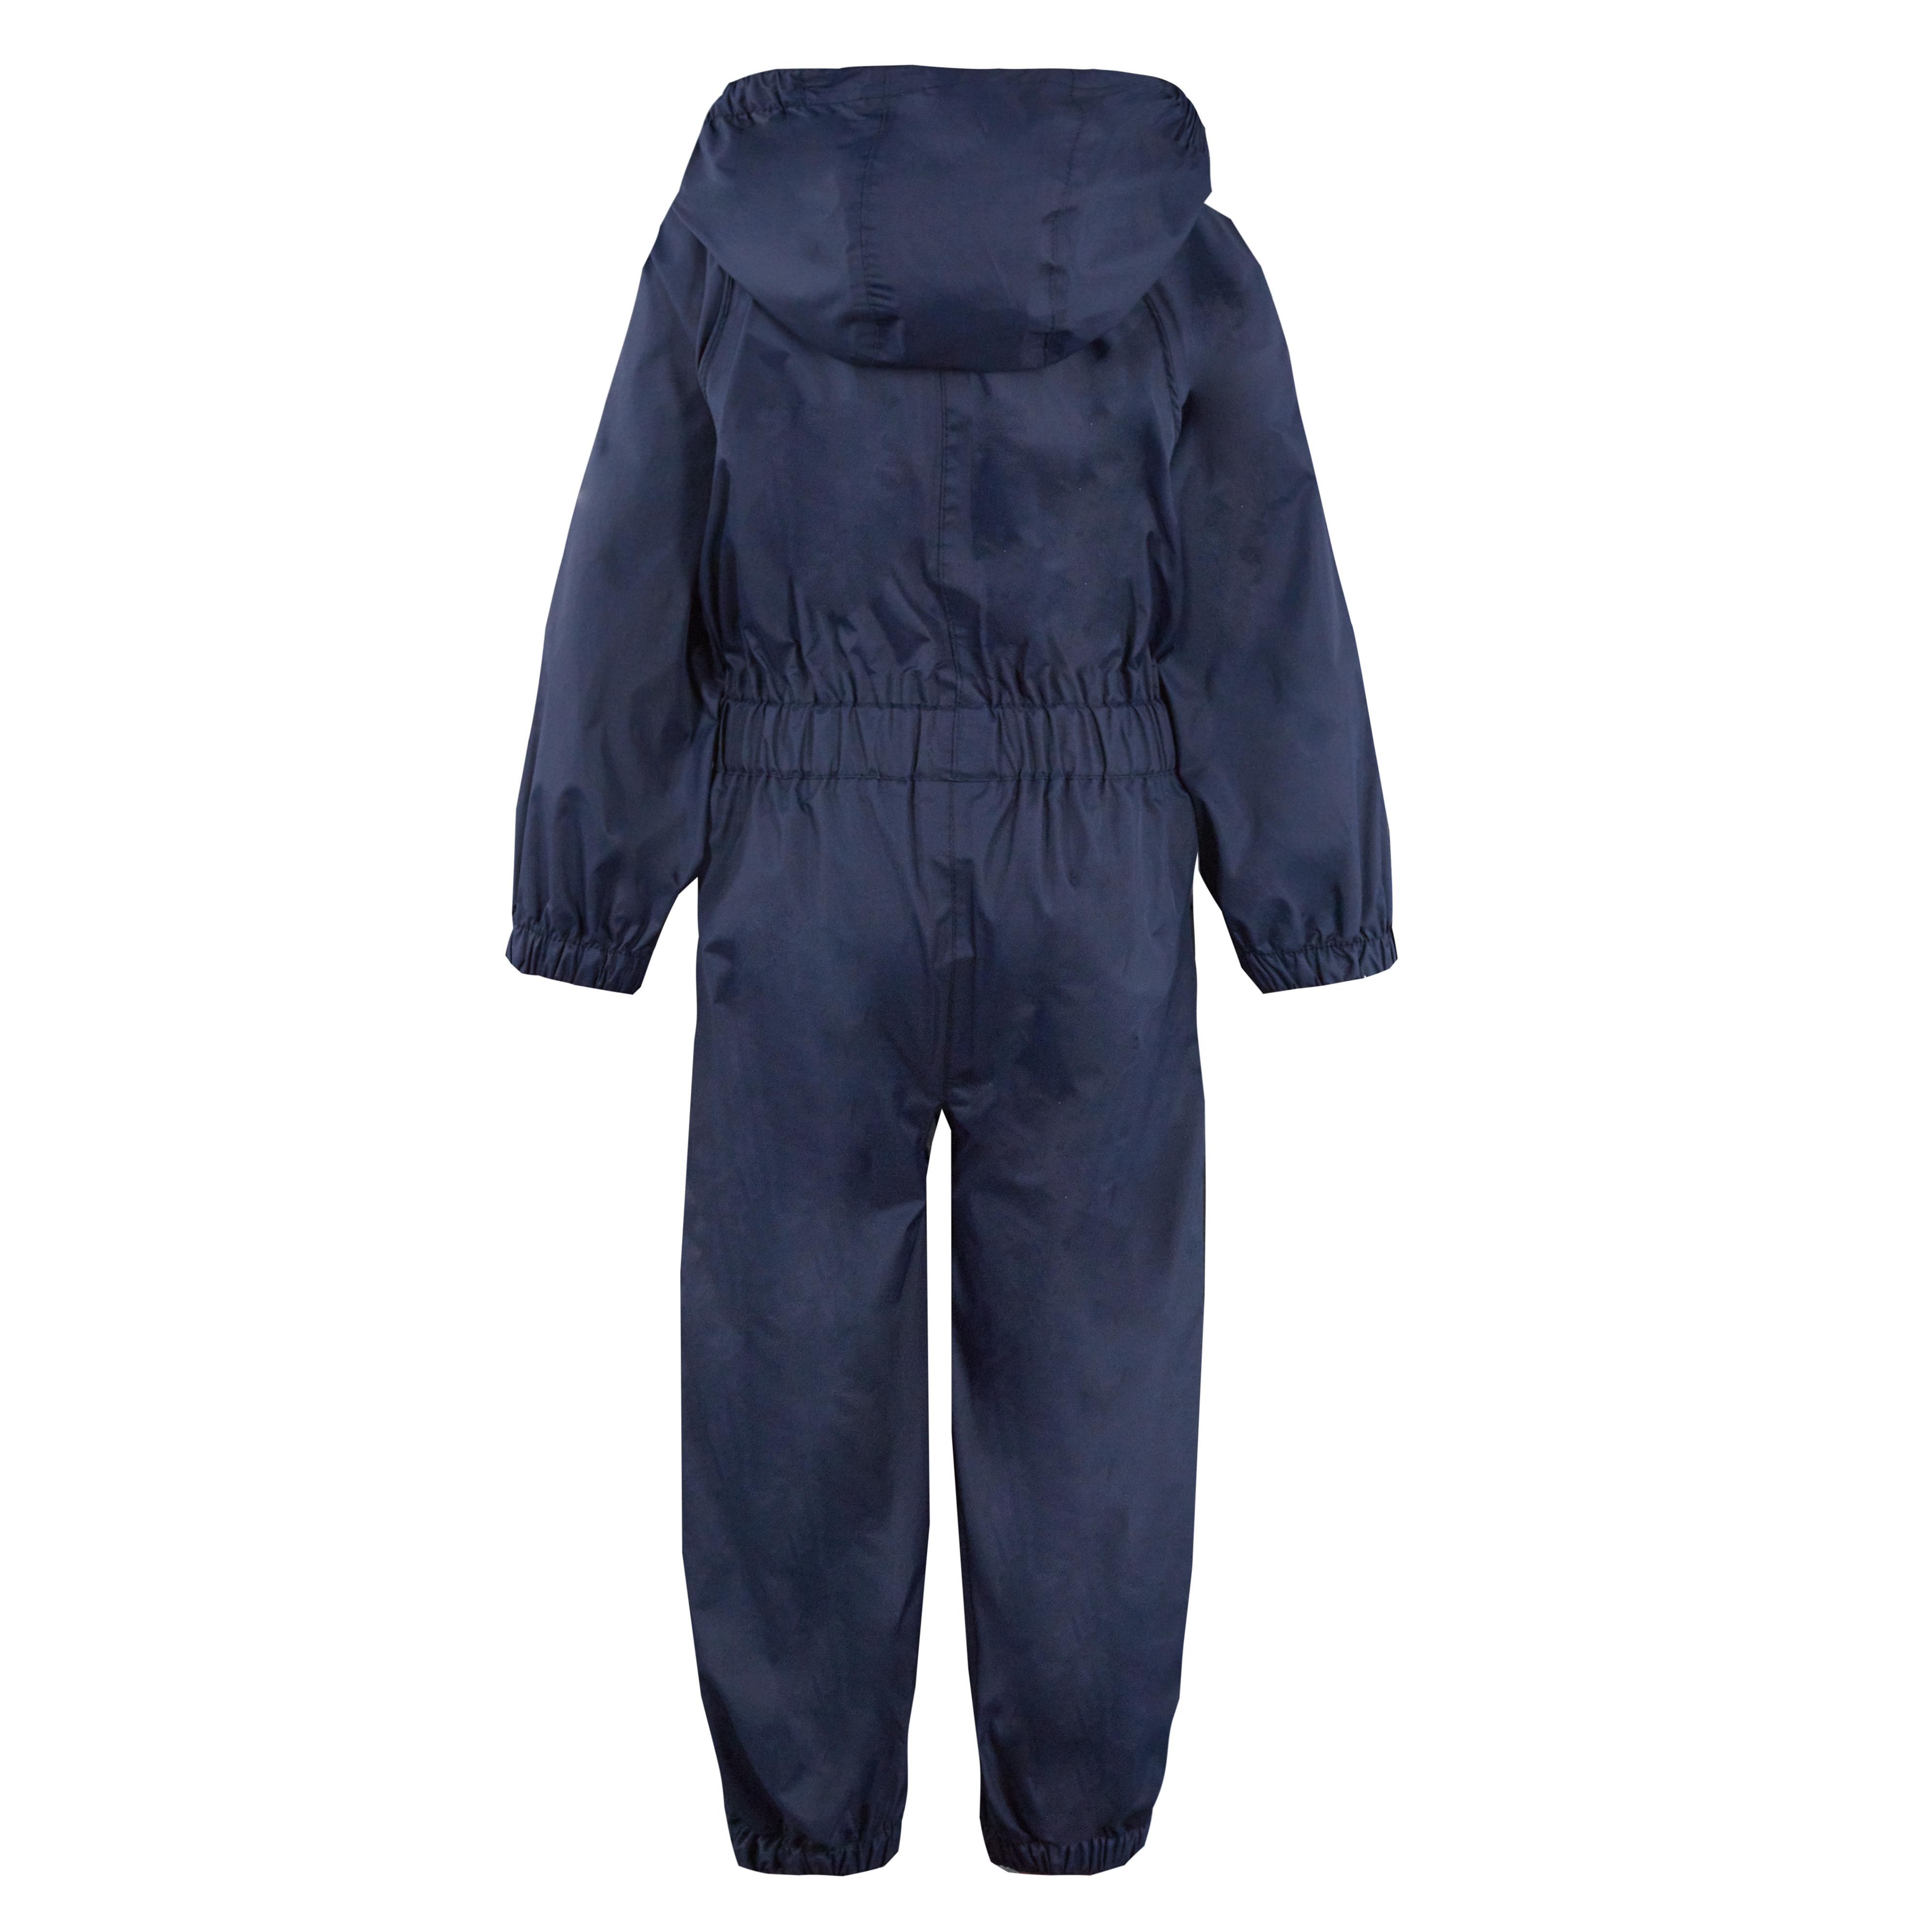 Childs-Enfants-Unisexe-Impermeable-Pluie-Puddle-Combinaison-Tout-en-Un-Leger-Fermeture-Eclair-Set miniature 3